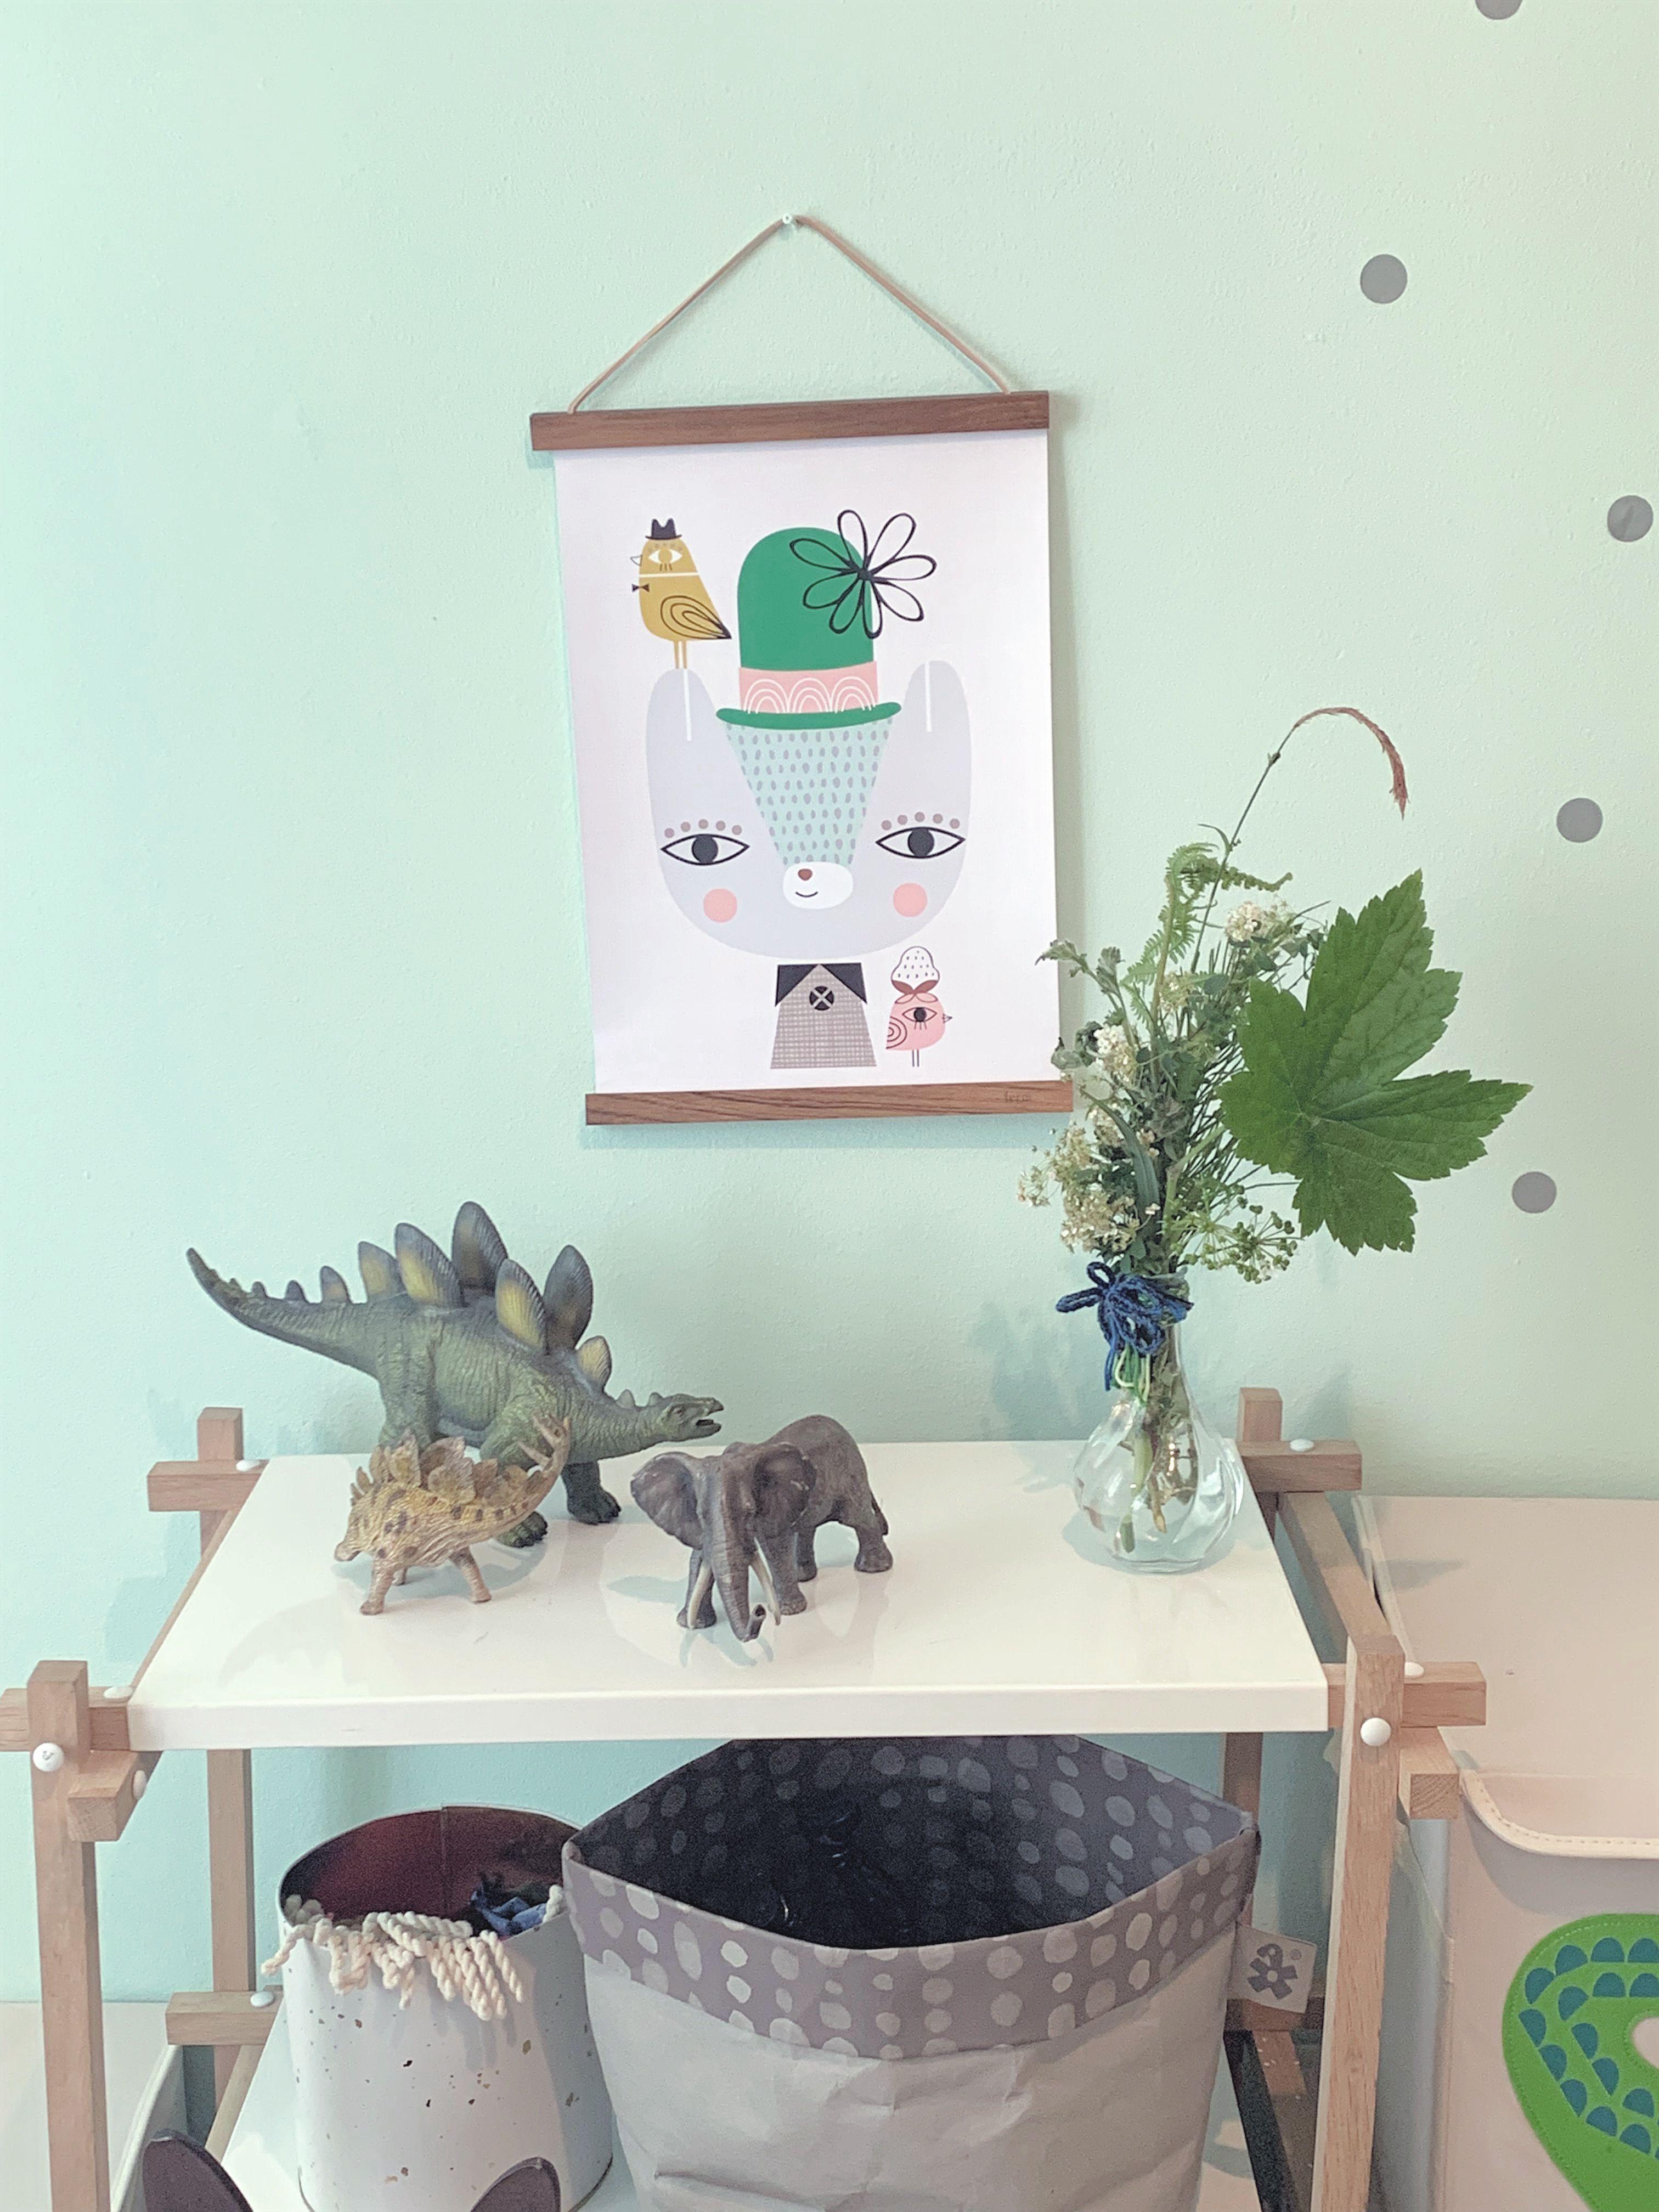 Das Poster Wird Gehalten Von Fermliving Holz Posterrahmen Aufbewahrungskorbe Von Sebra Kinderposter Kinderz Kinder Zimmer Poster Kinderzimmer Kinderzimmer